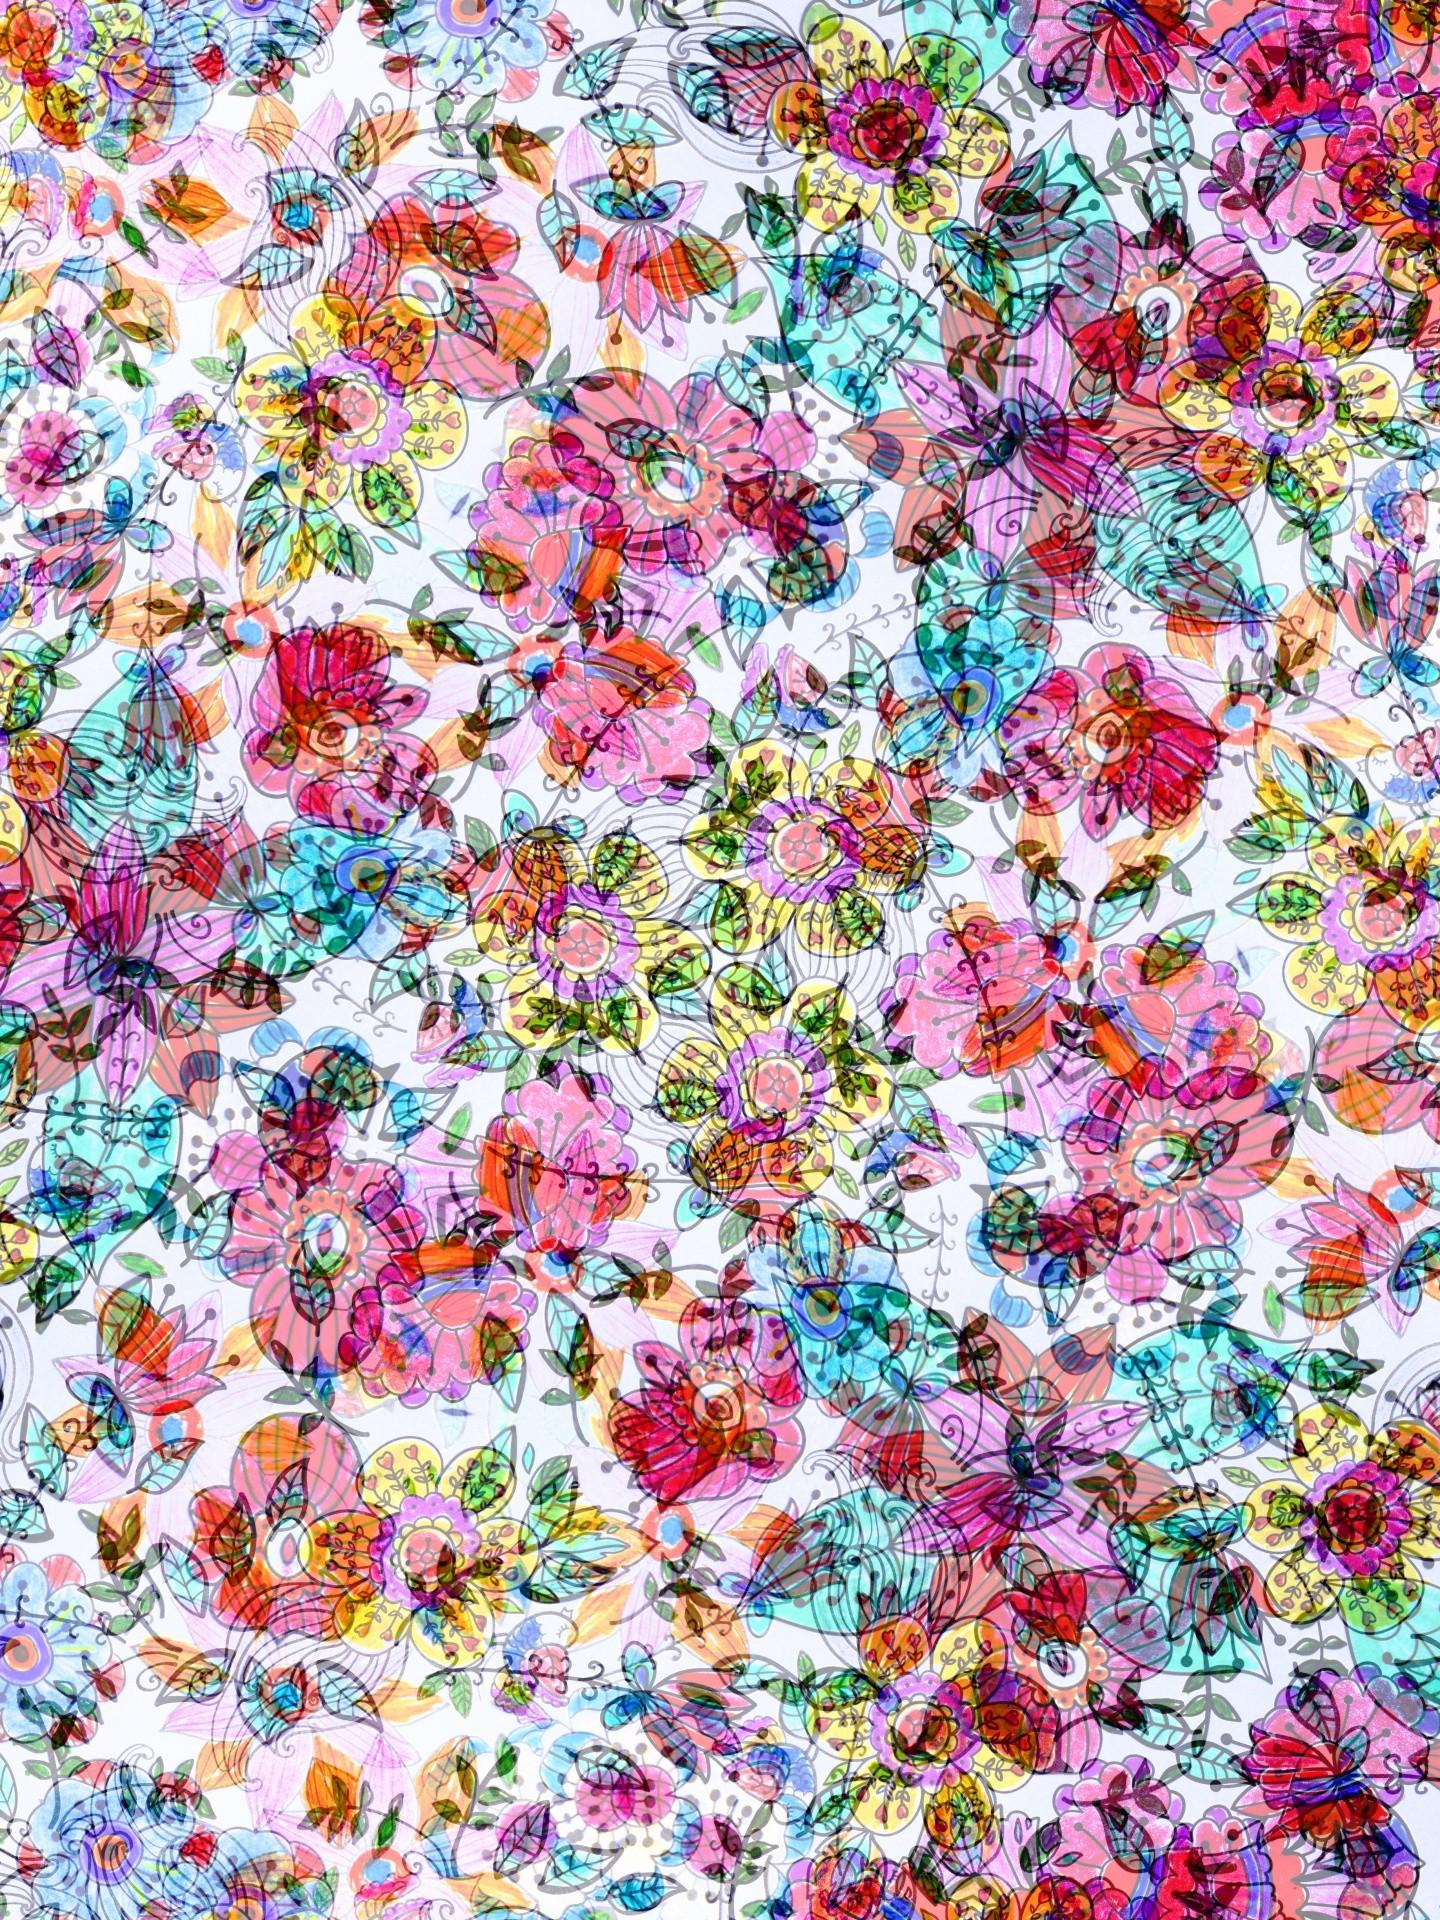 Vintage Floral Laptop Wallpaper